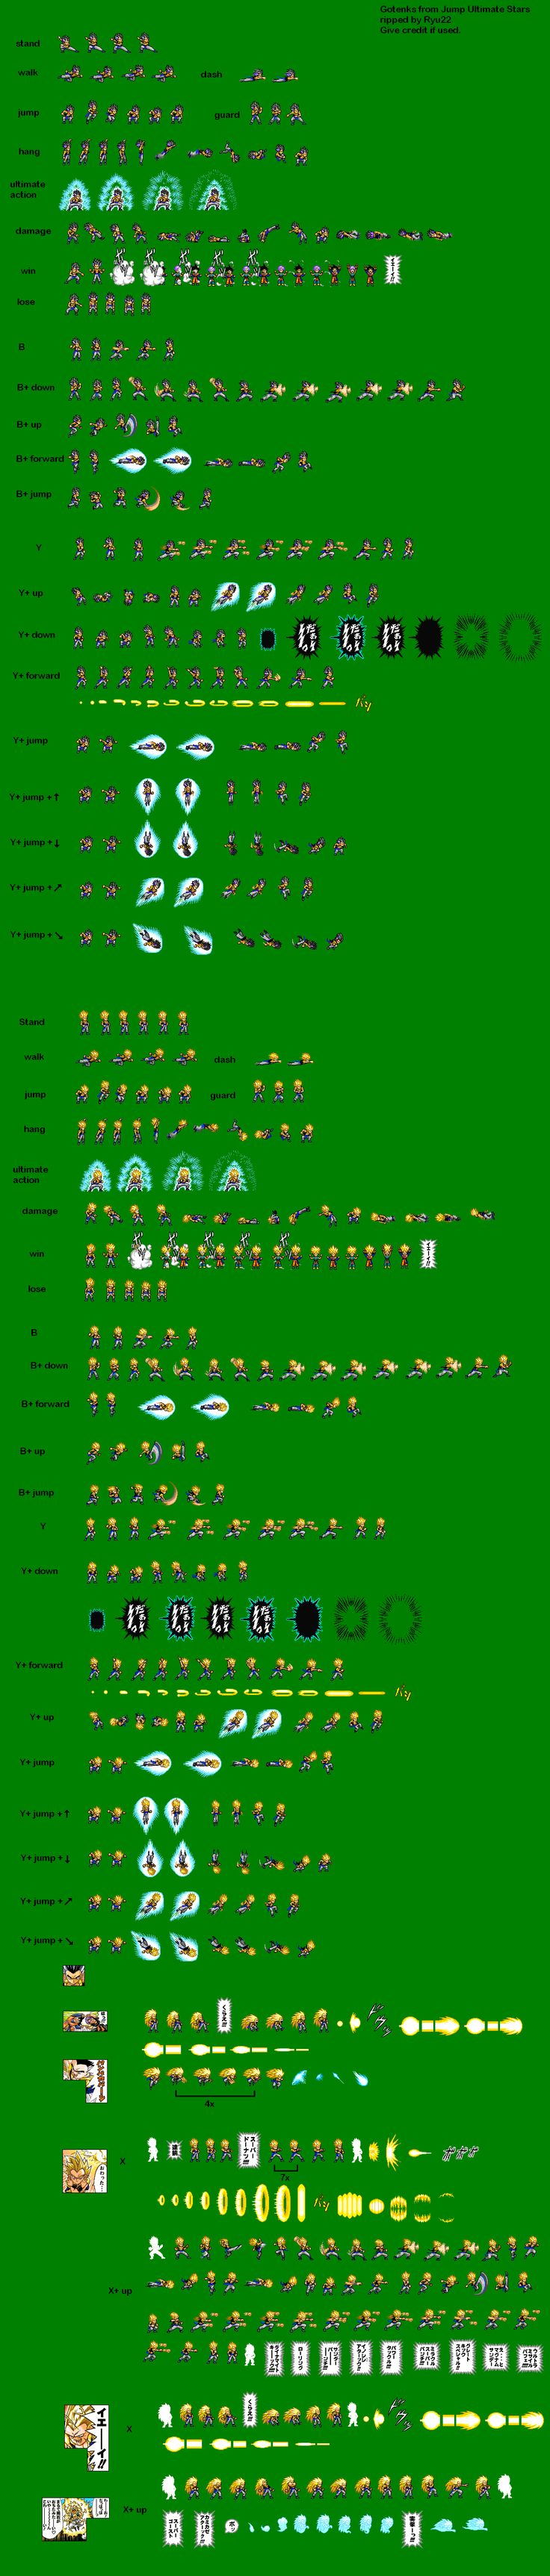 Sprite Database : Gotenks